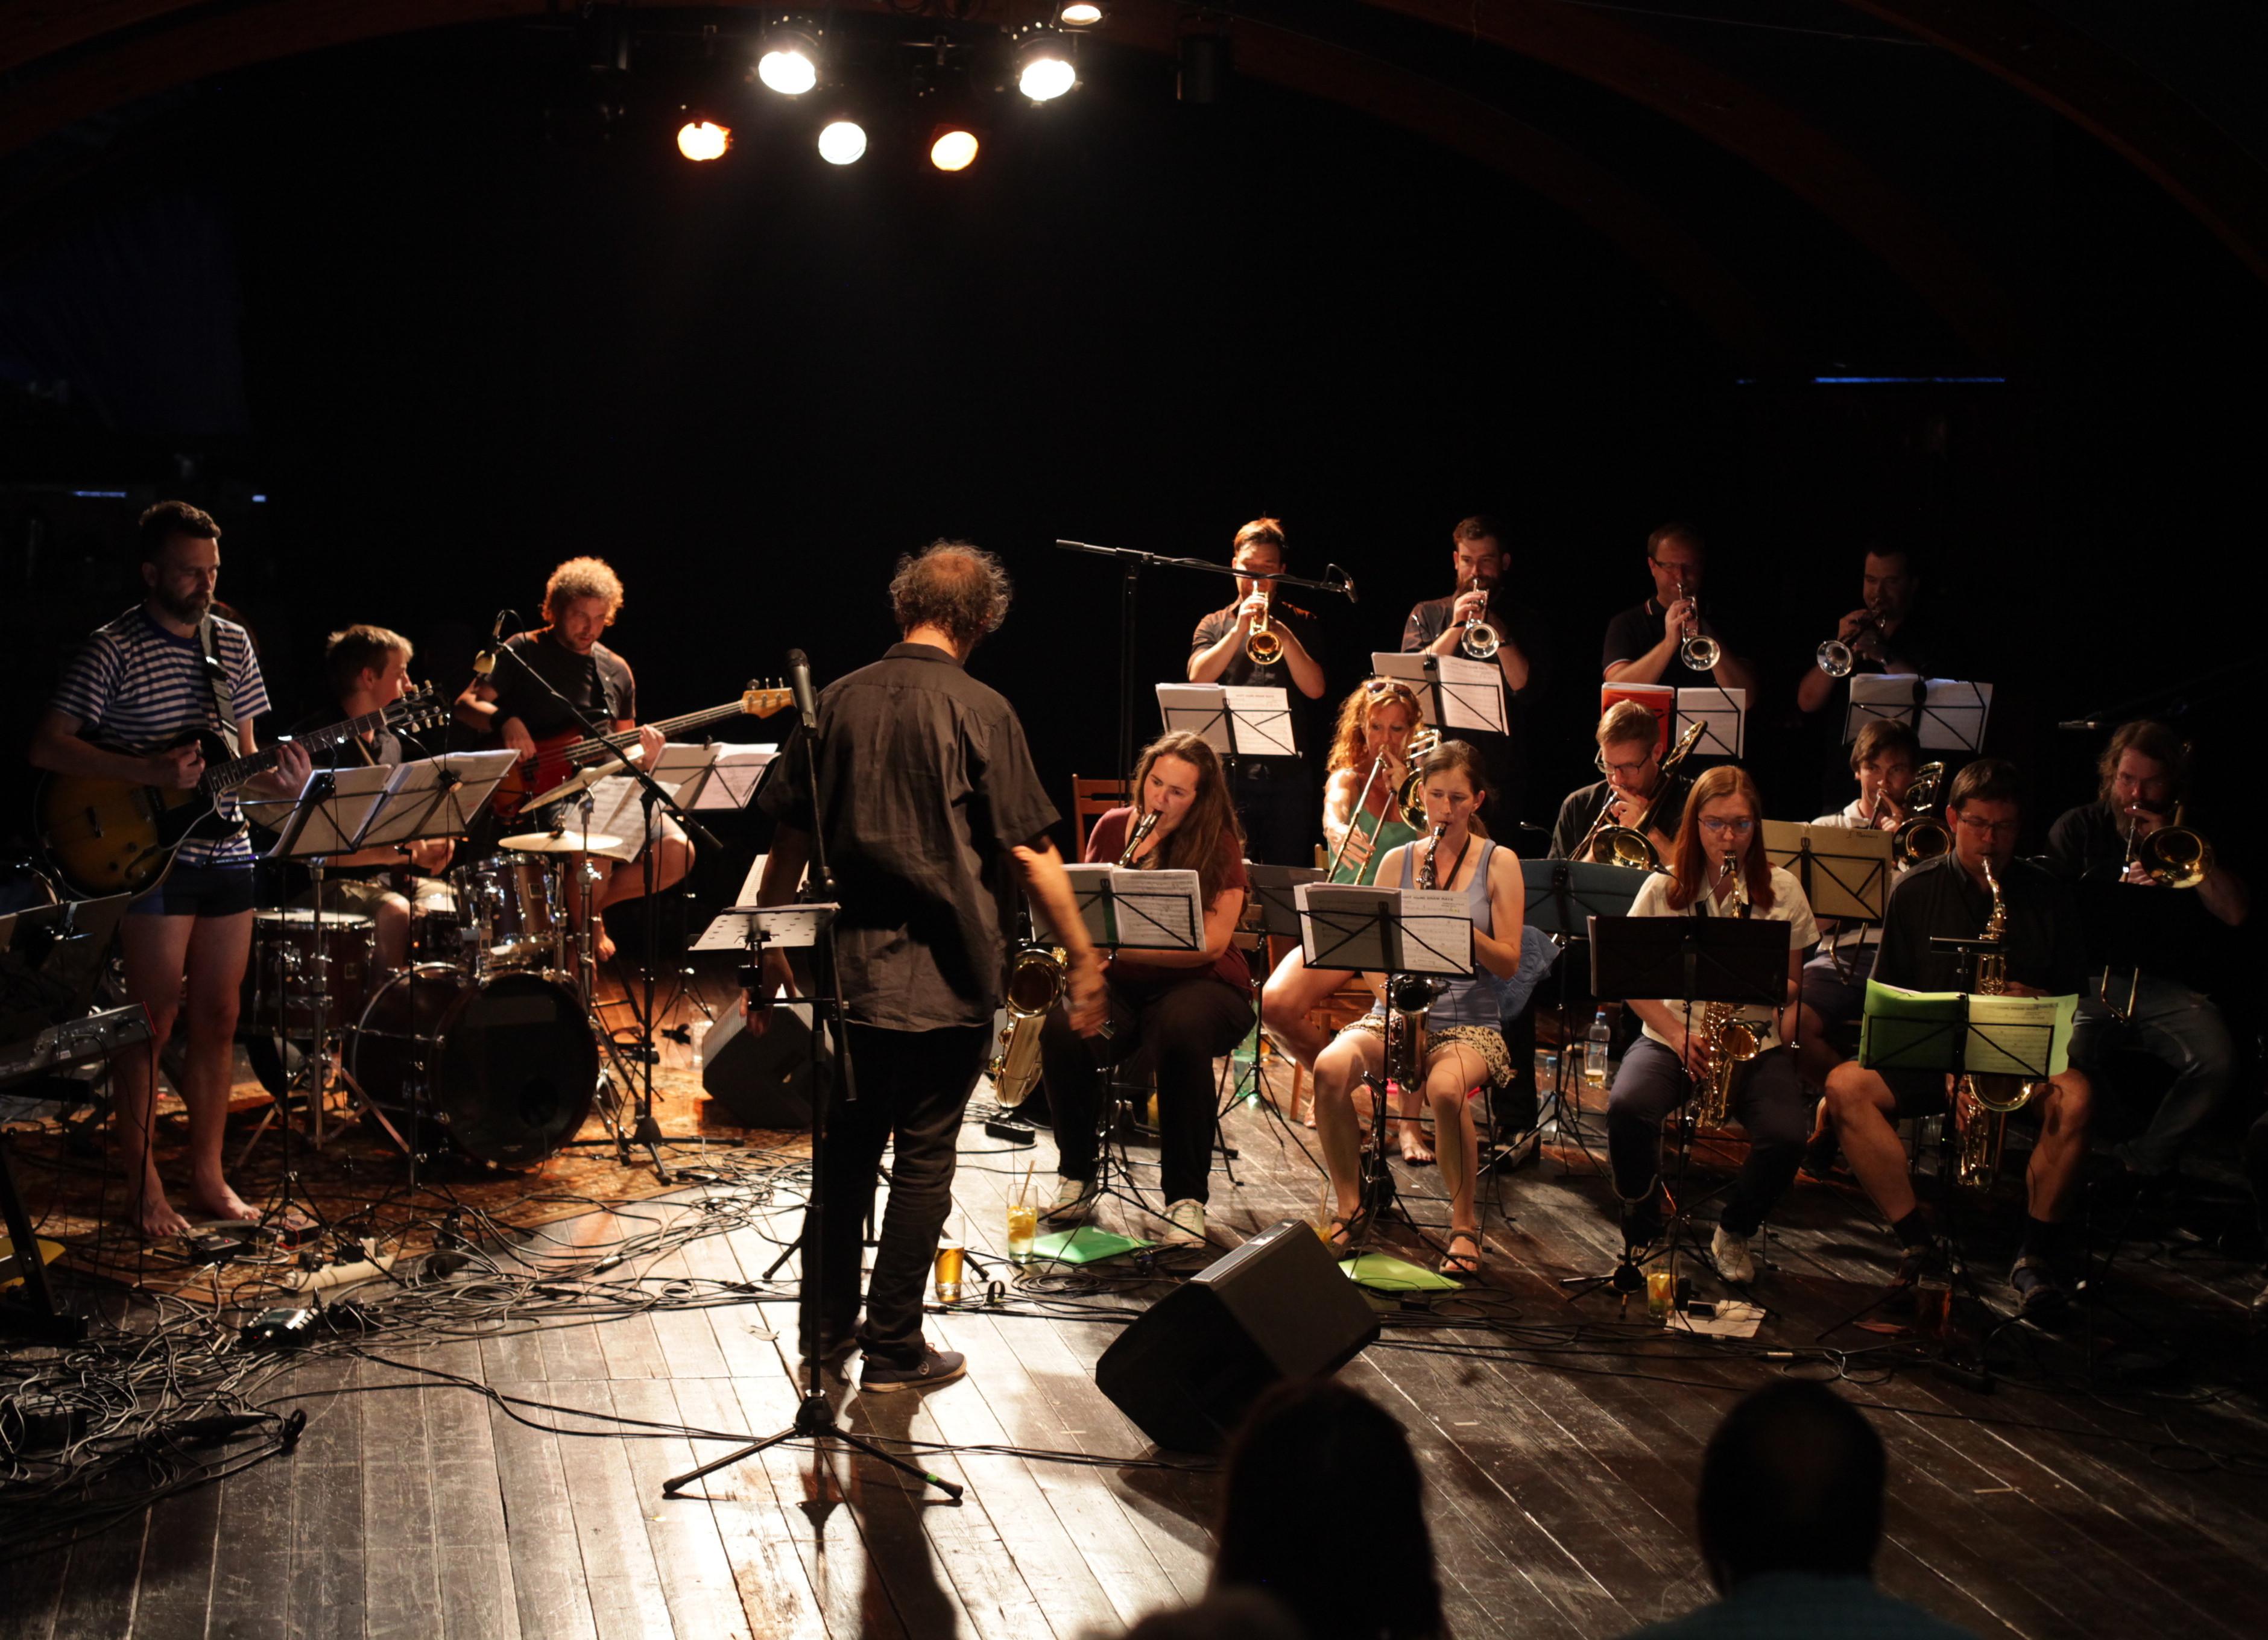 smichovskou-naplavku-ovladl-festival-arena